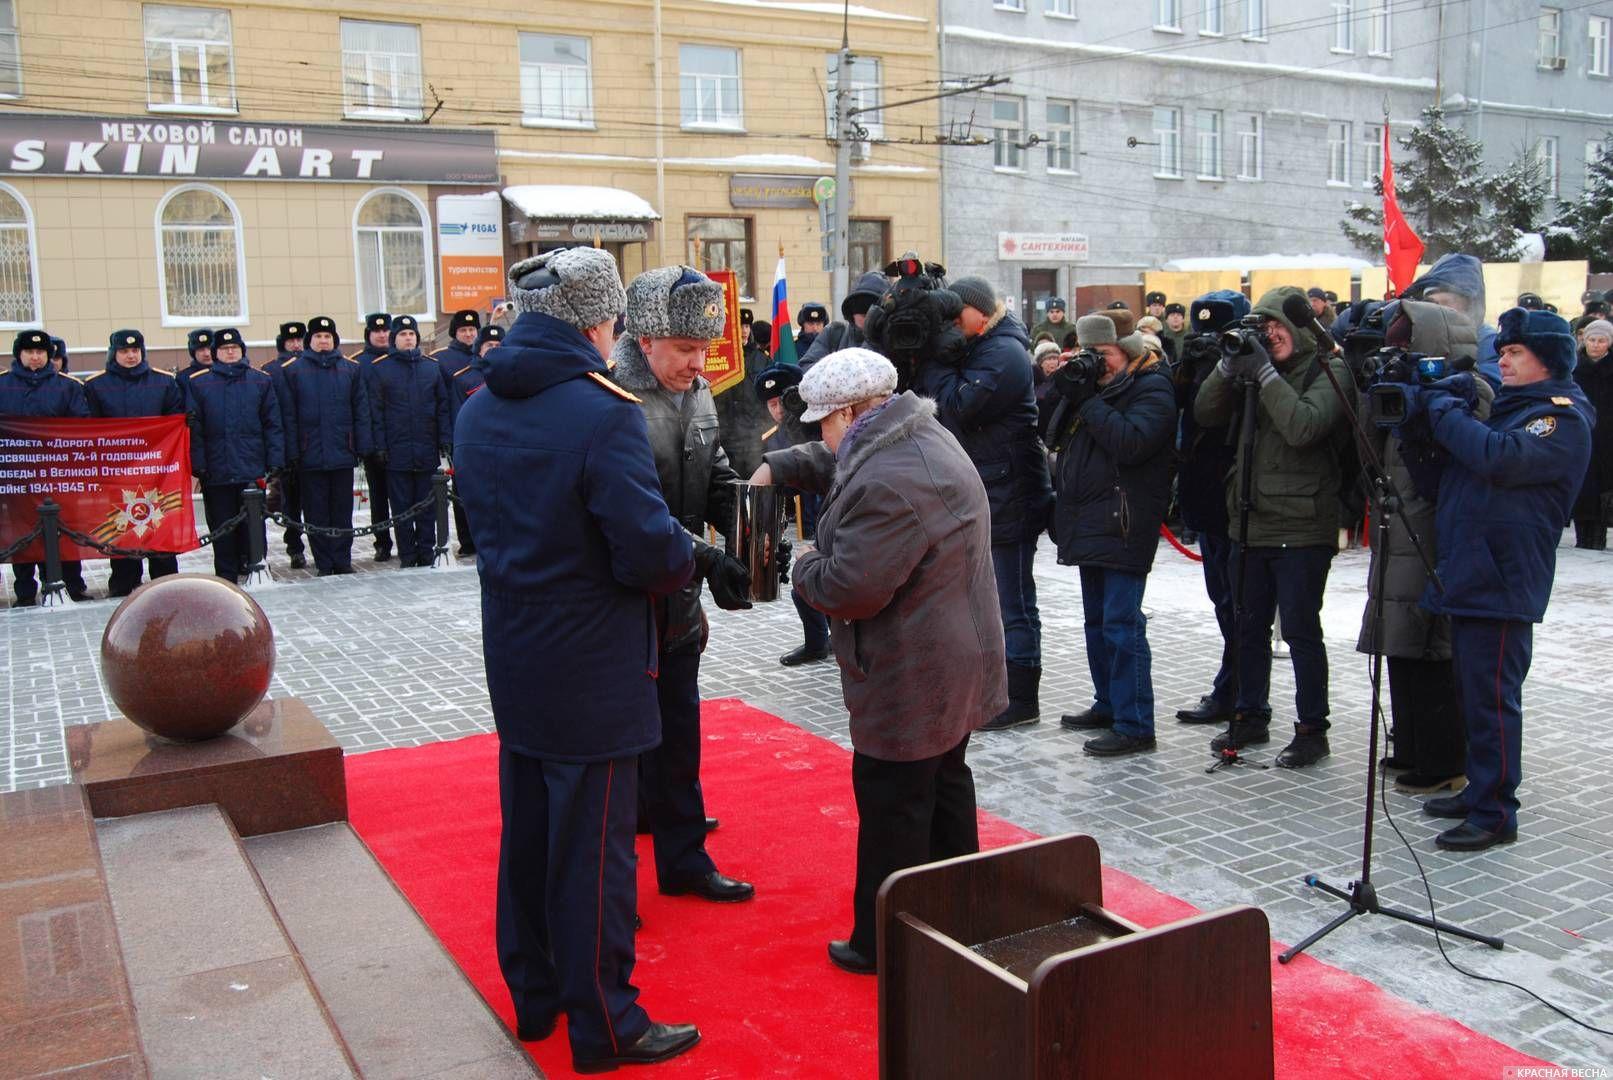 Закладка вымпела и земли городов-героев в капсулу памяти. Новосибирск